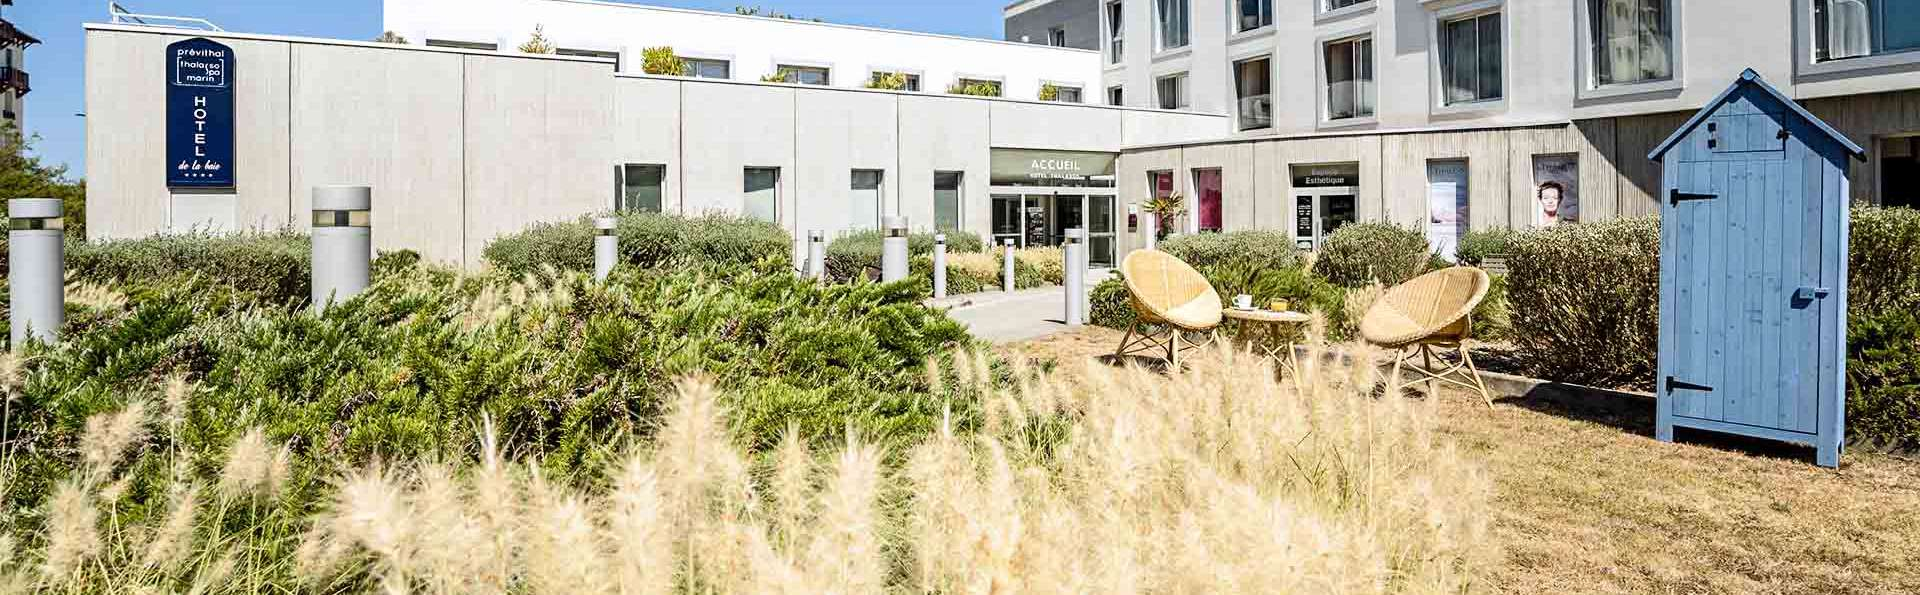 Hotel de la Baie Thalassothérapie Previthal - EDIT_CEL_05.jpg